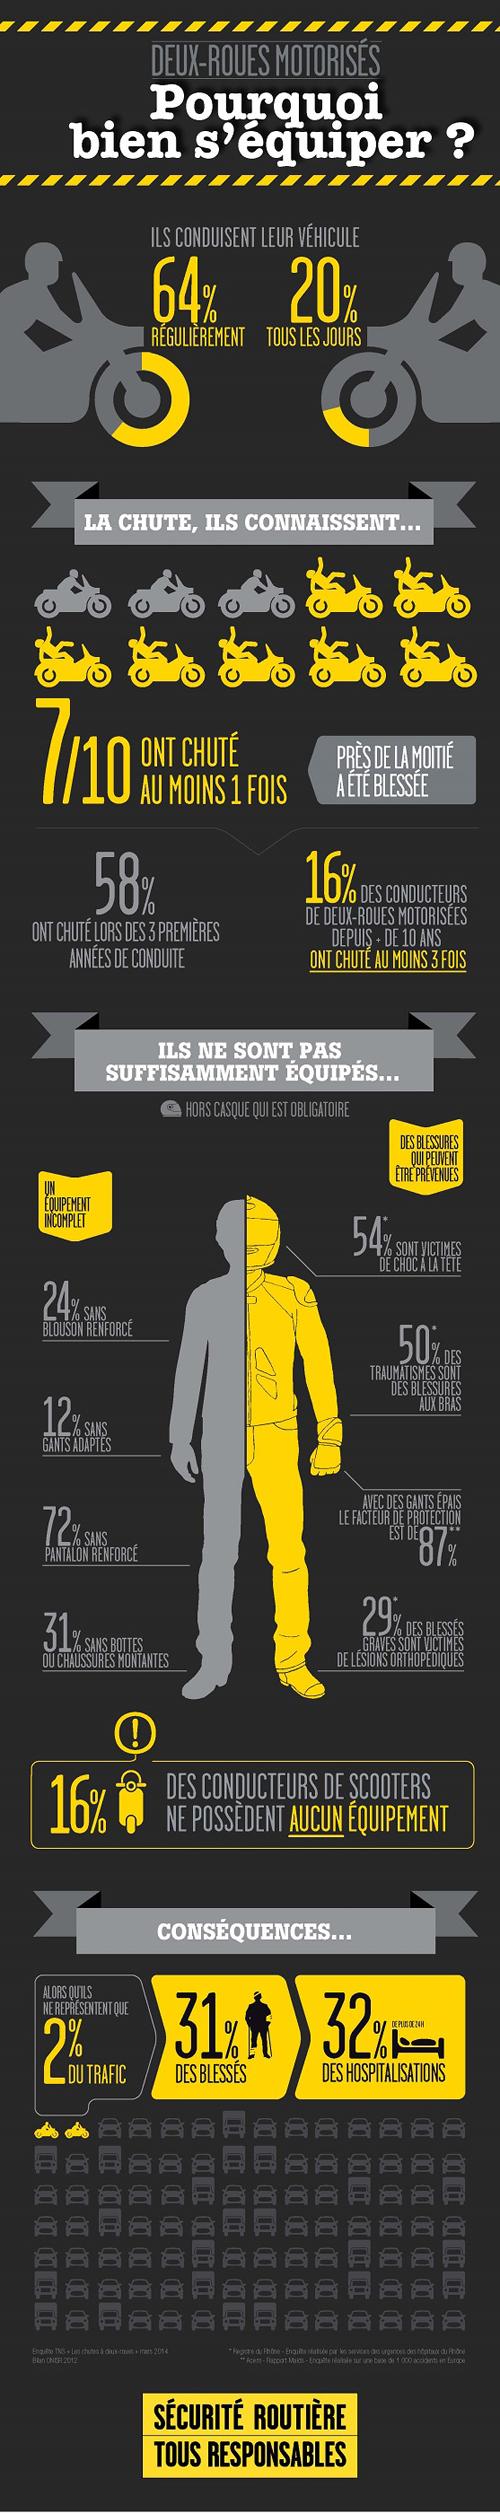 Sécurité routière Infographie-2rm-pourquoi-bien-s-equiper